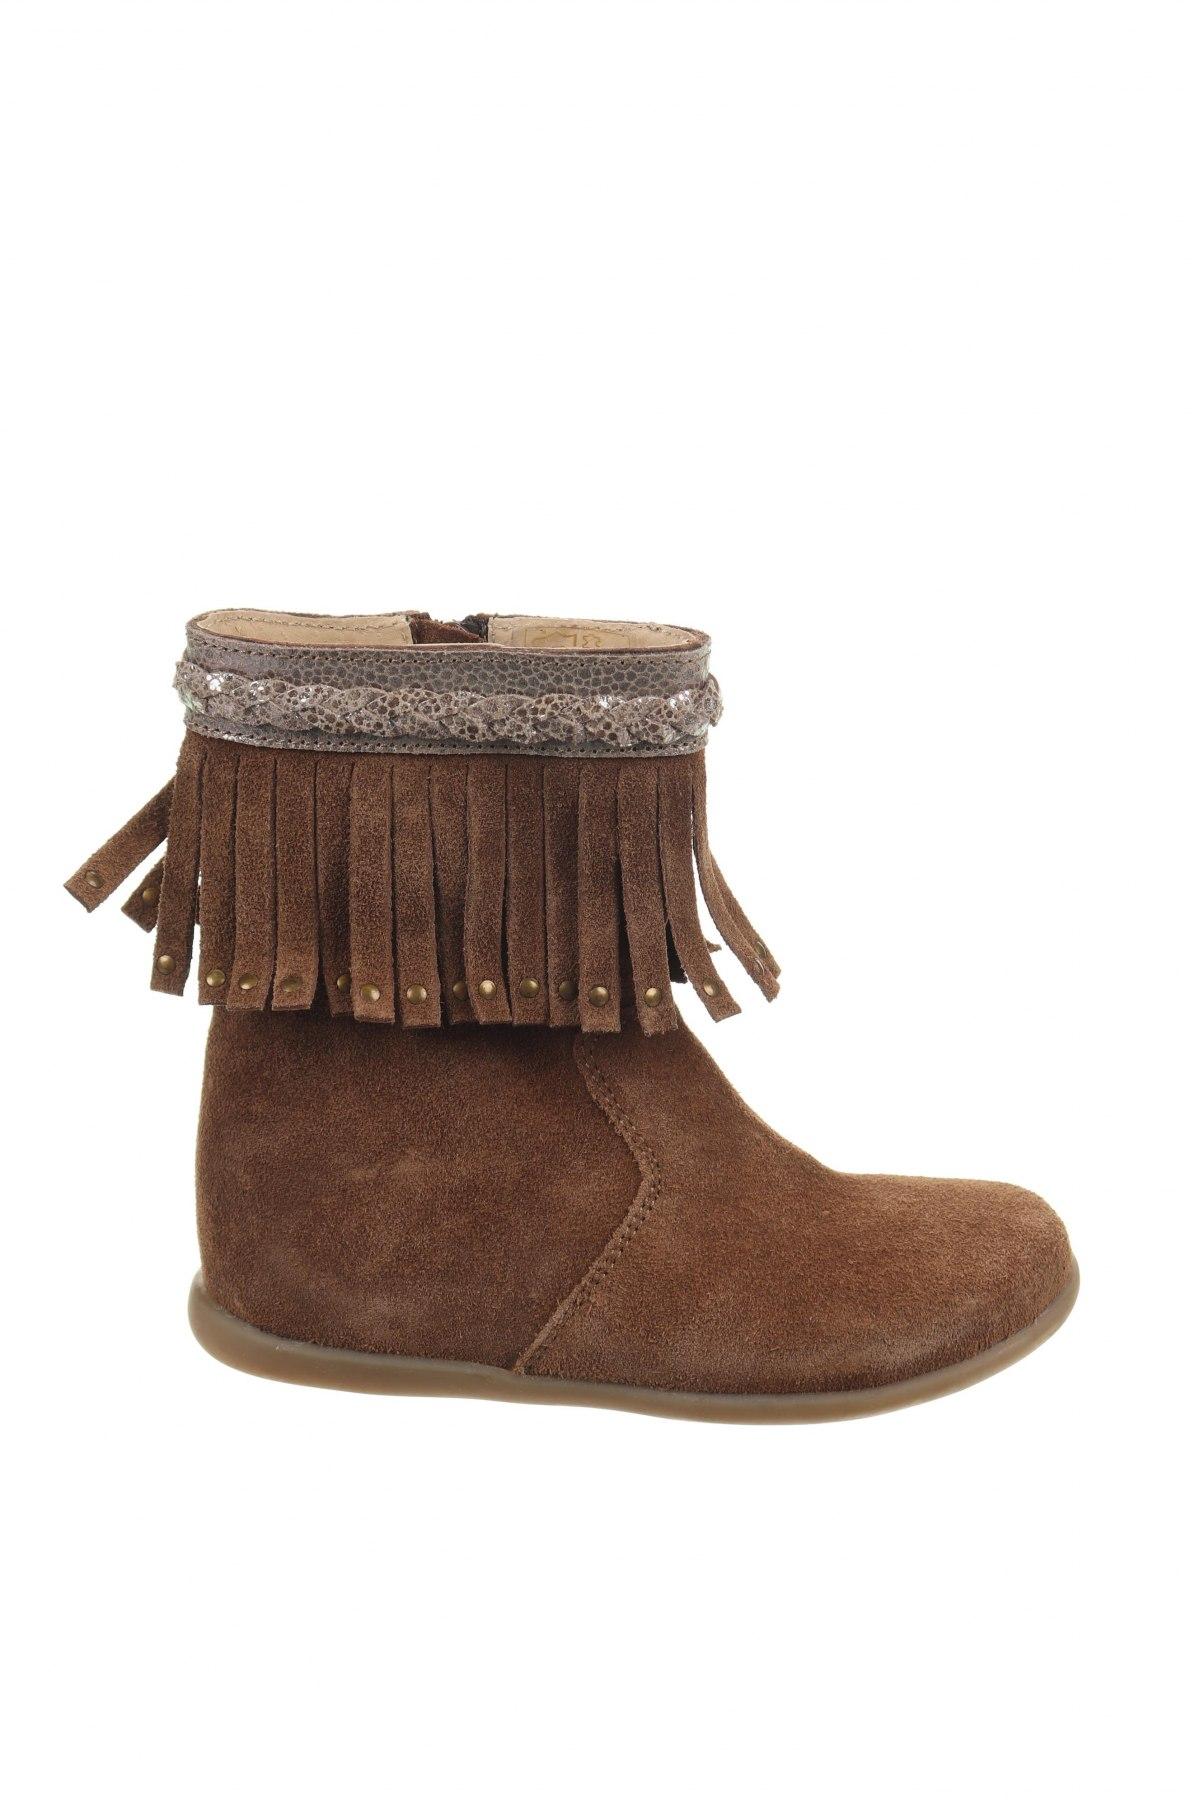 Παιδικά παπούτσια Saxo Blues, Μέγεθος 27, Χρώμα Καφέ, Φυσικό σουέτ, Τιμή 38,27€